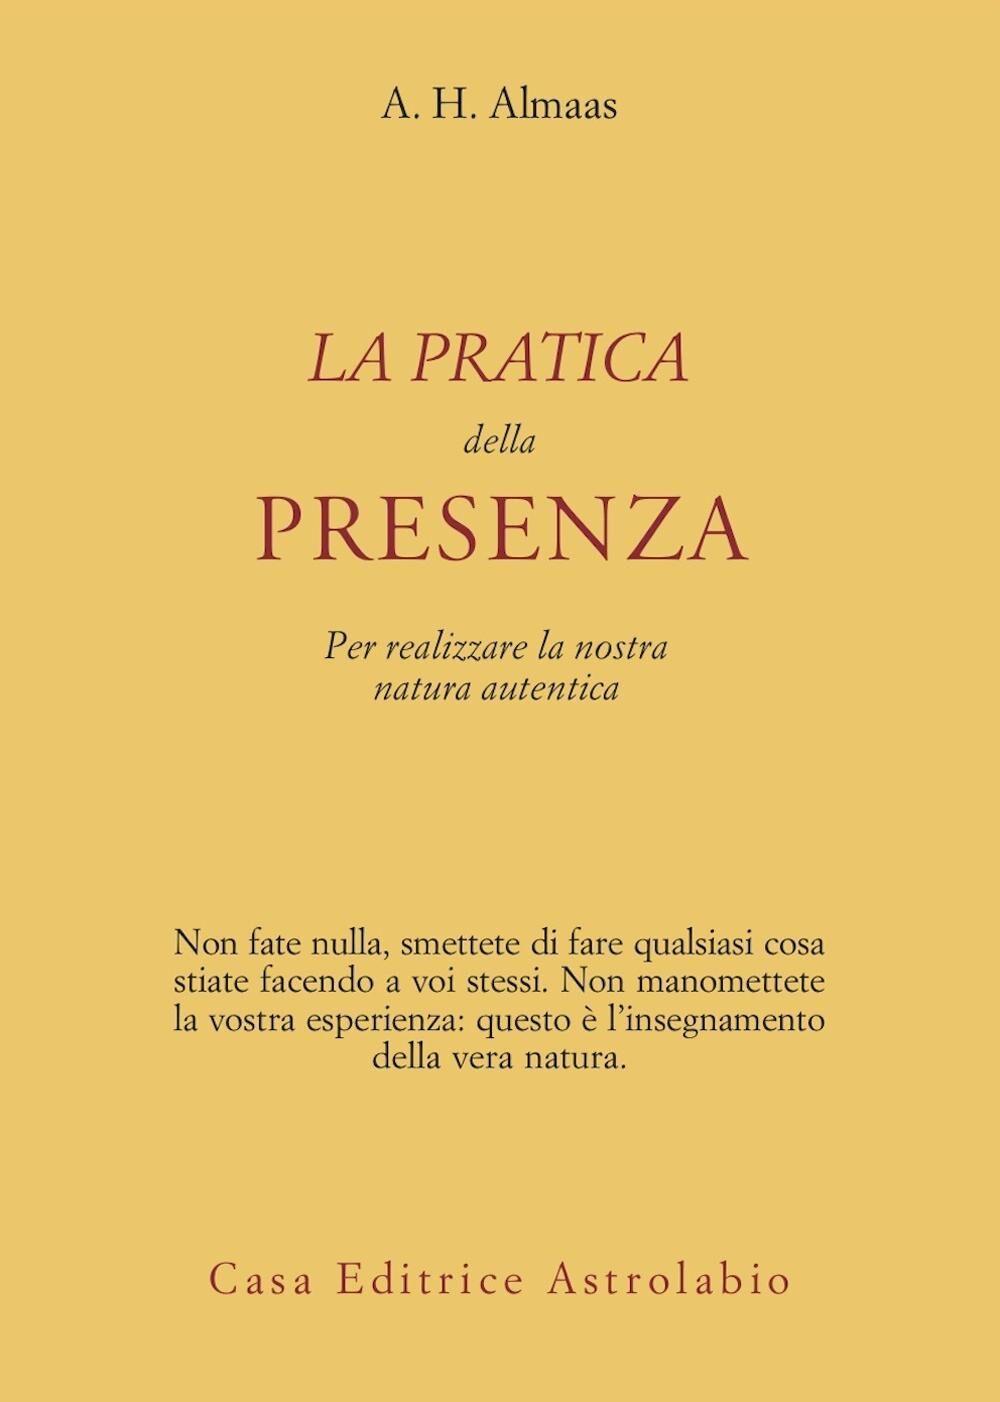 La pratica della presenza per realizzare la nostra natura autentica